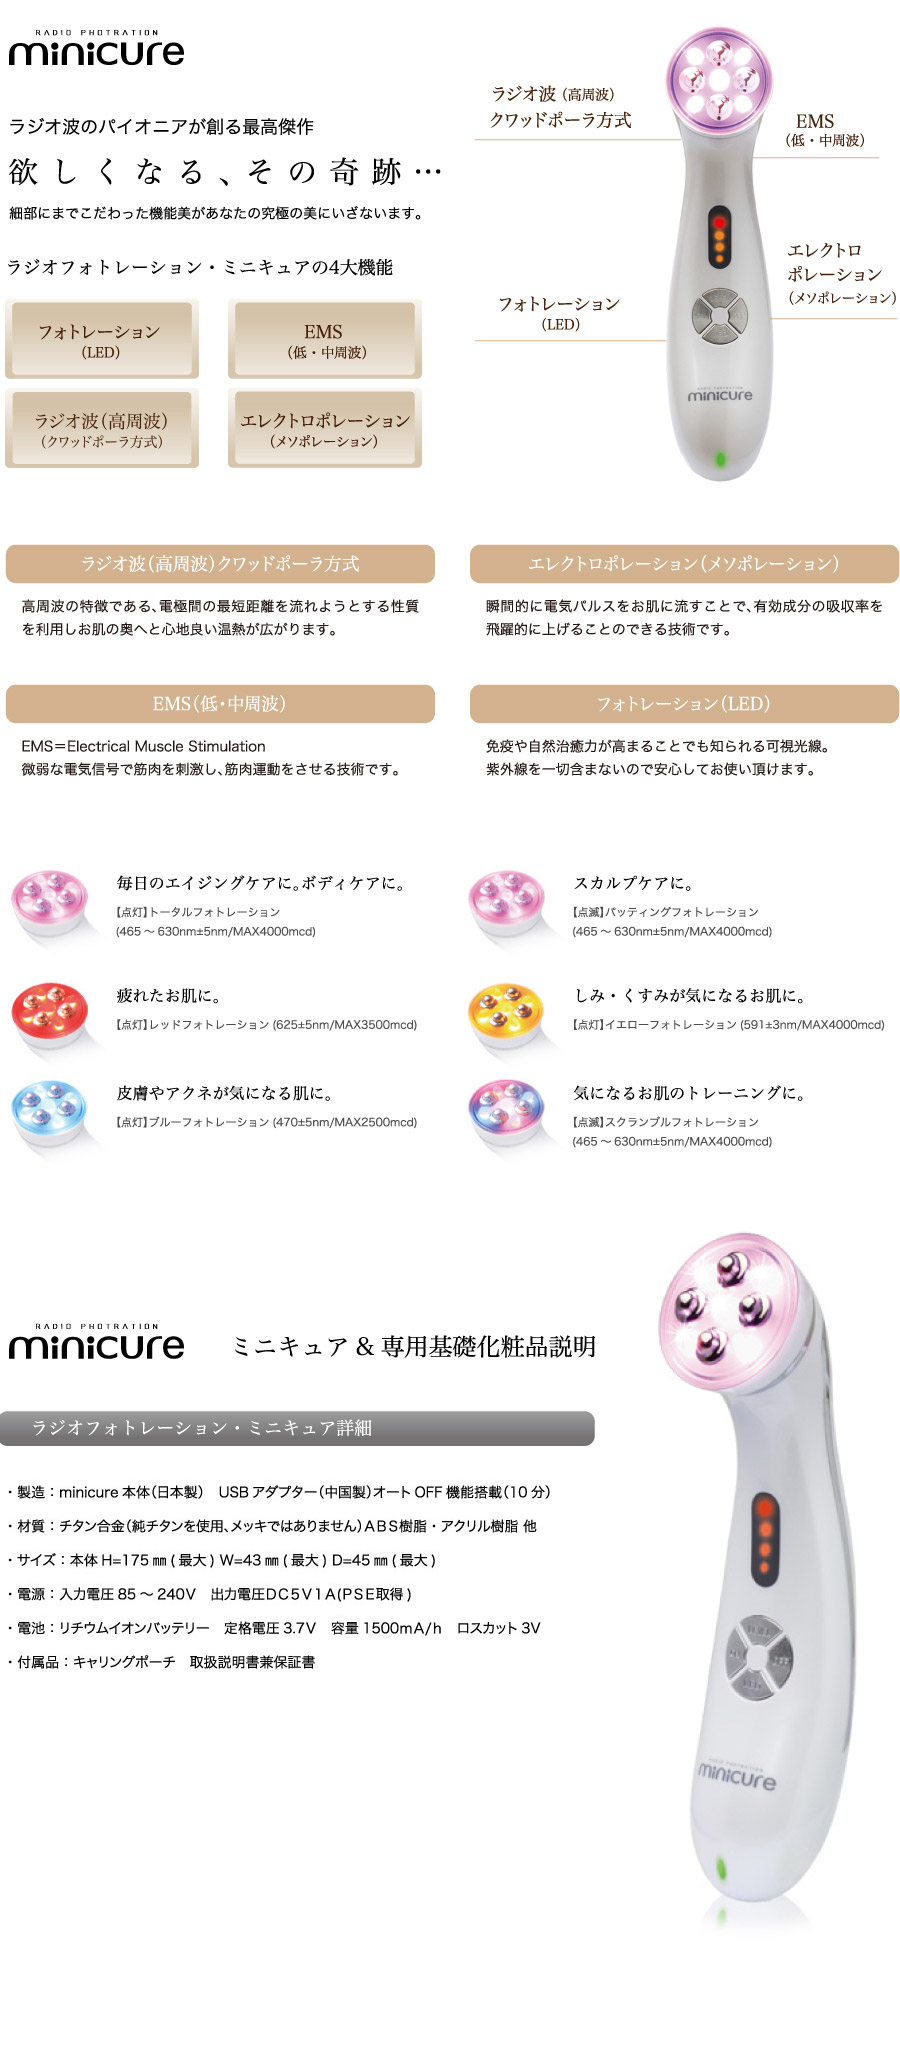 minicure